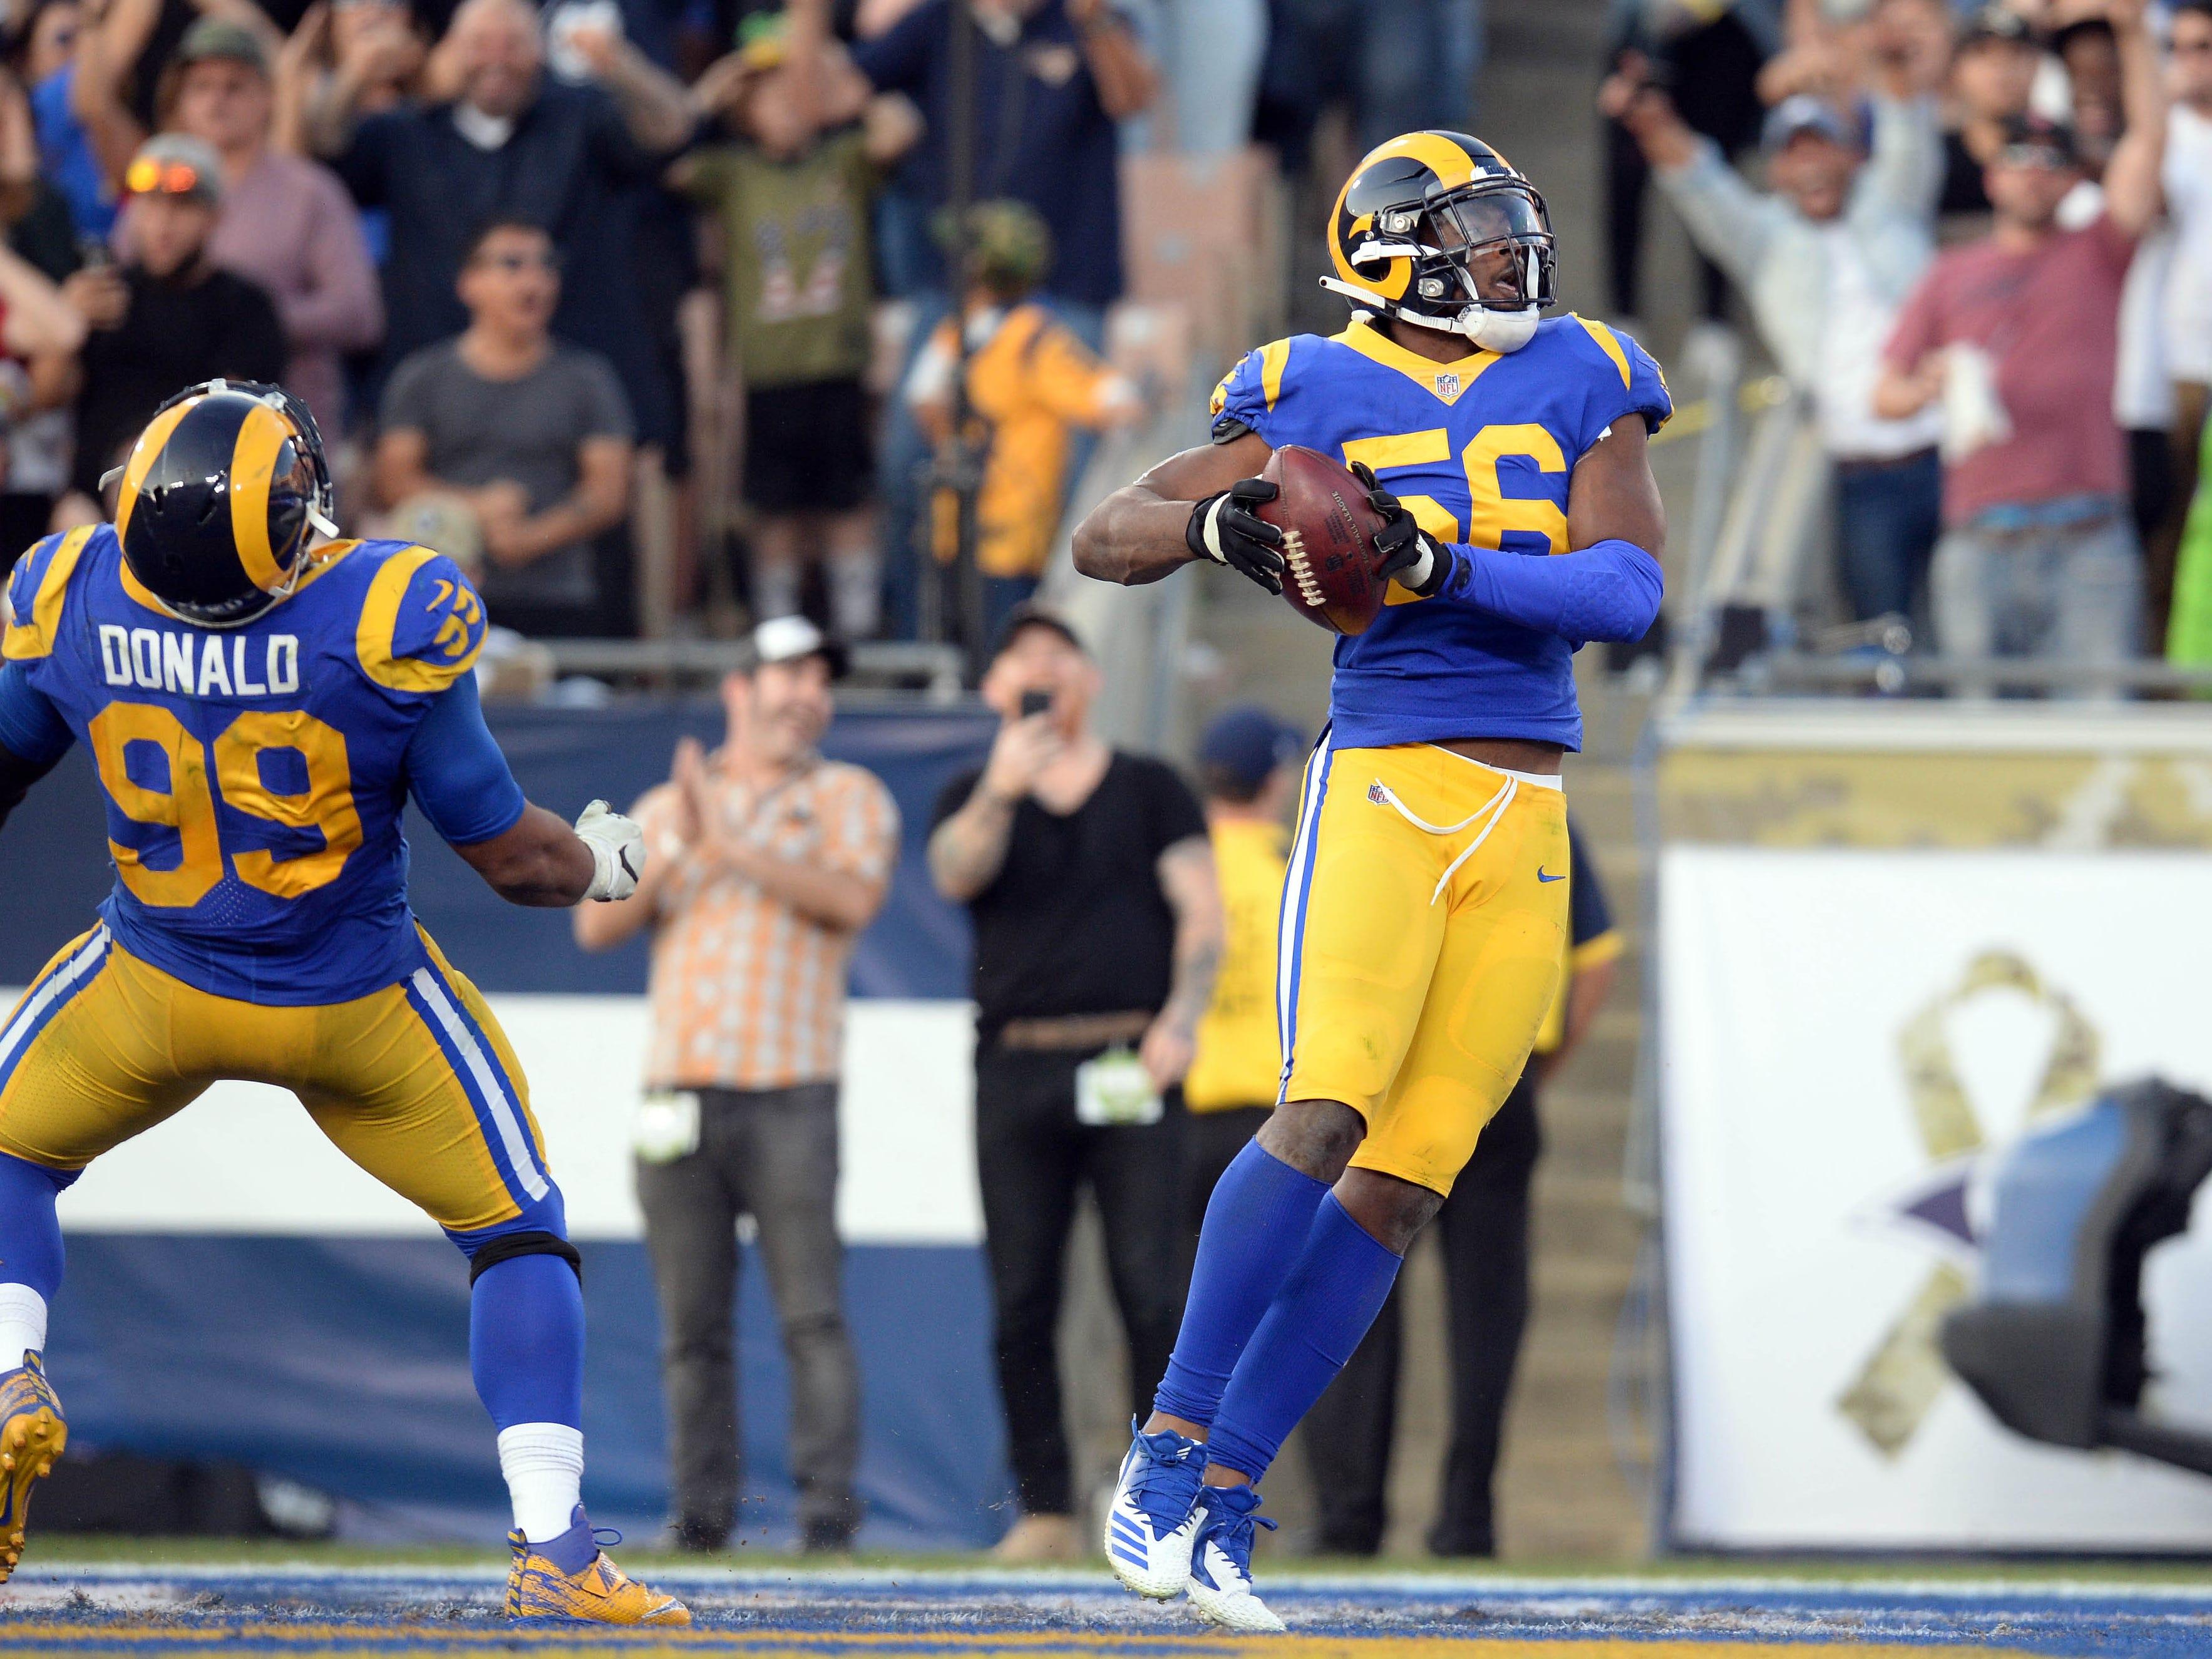 NR: Dante Fowler, OLB, Rams